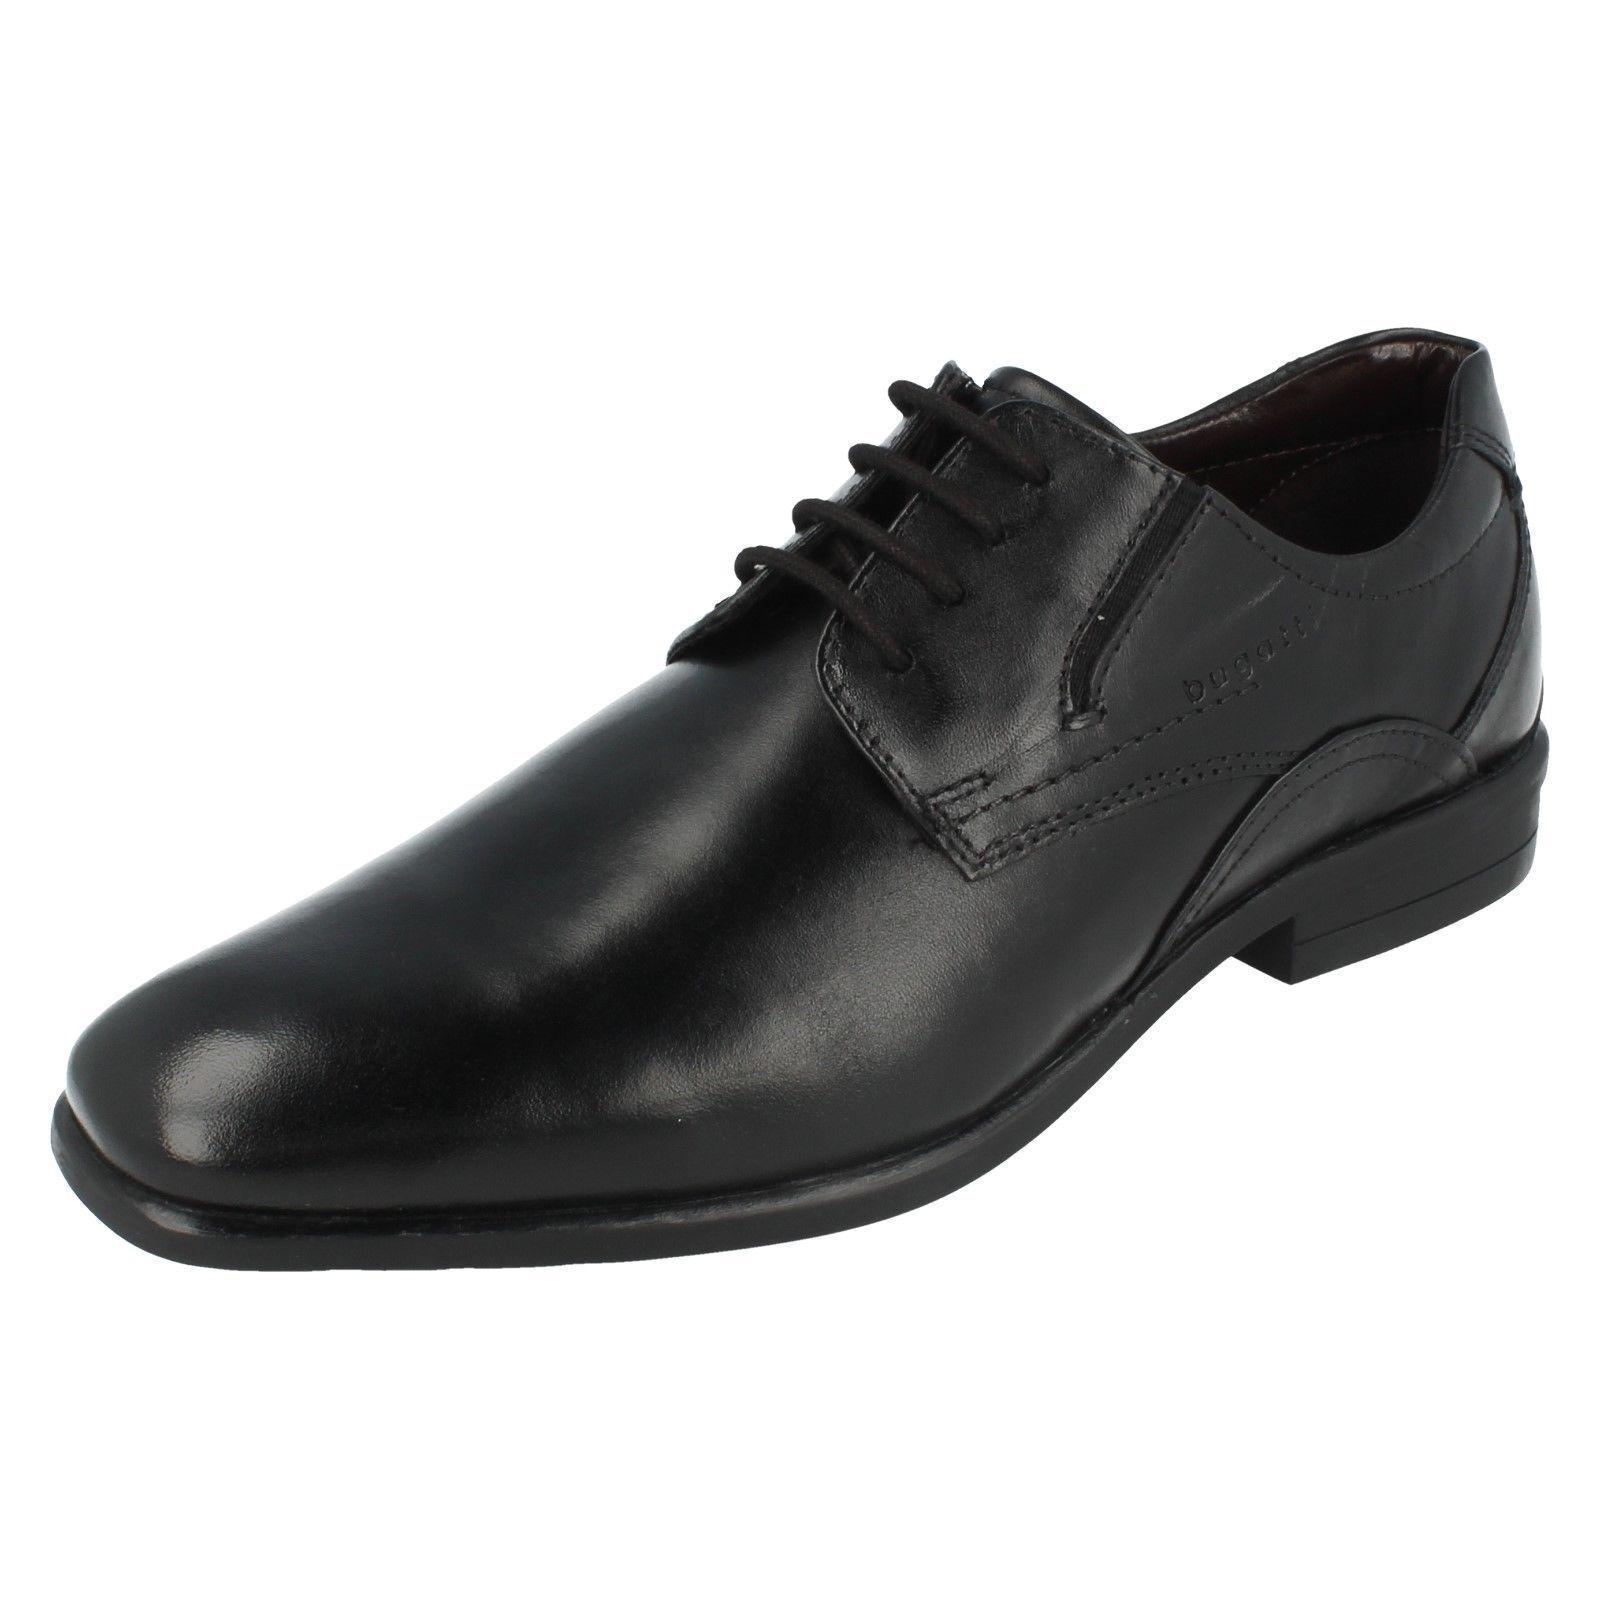 BUGATTI 313-22001-1000 Negro Zapatos Con Cordones